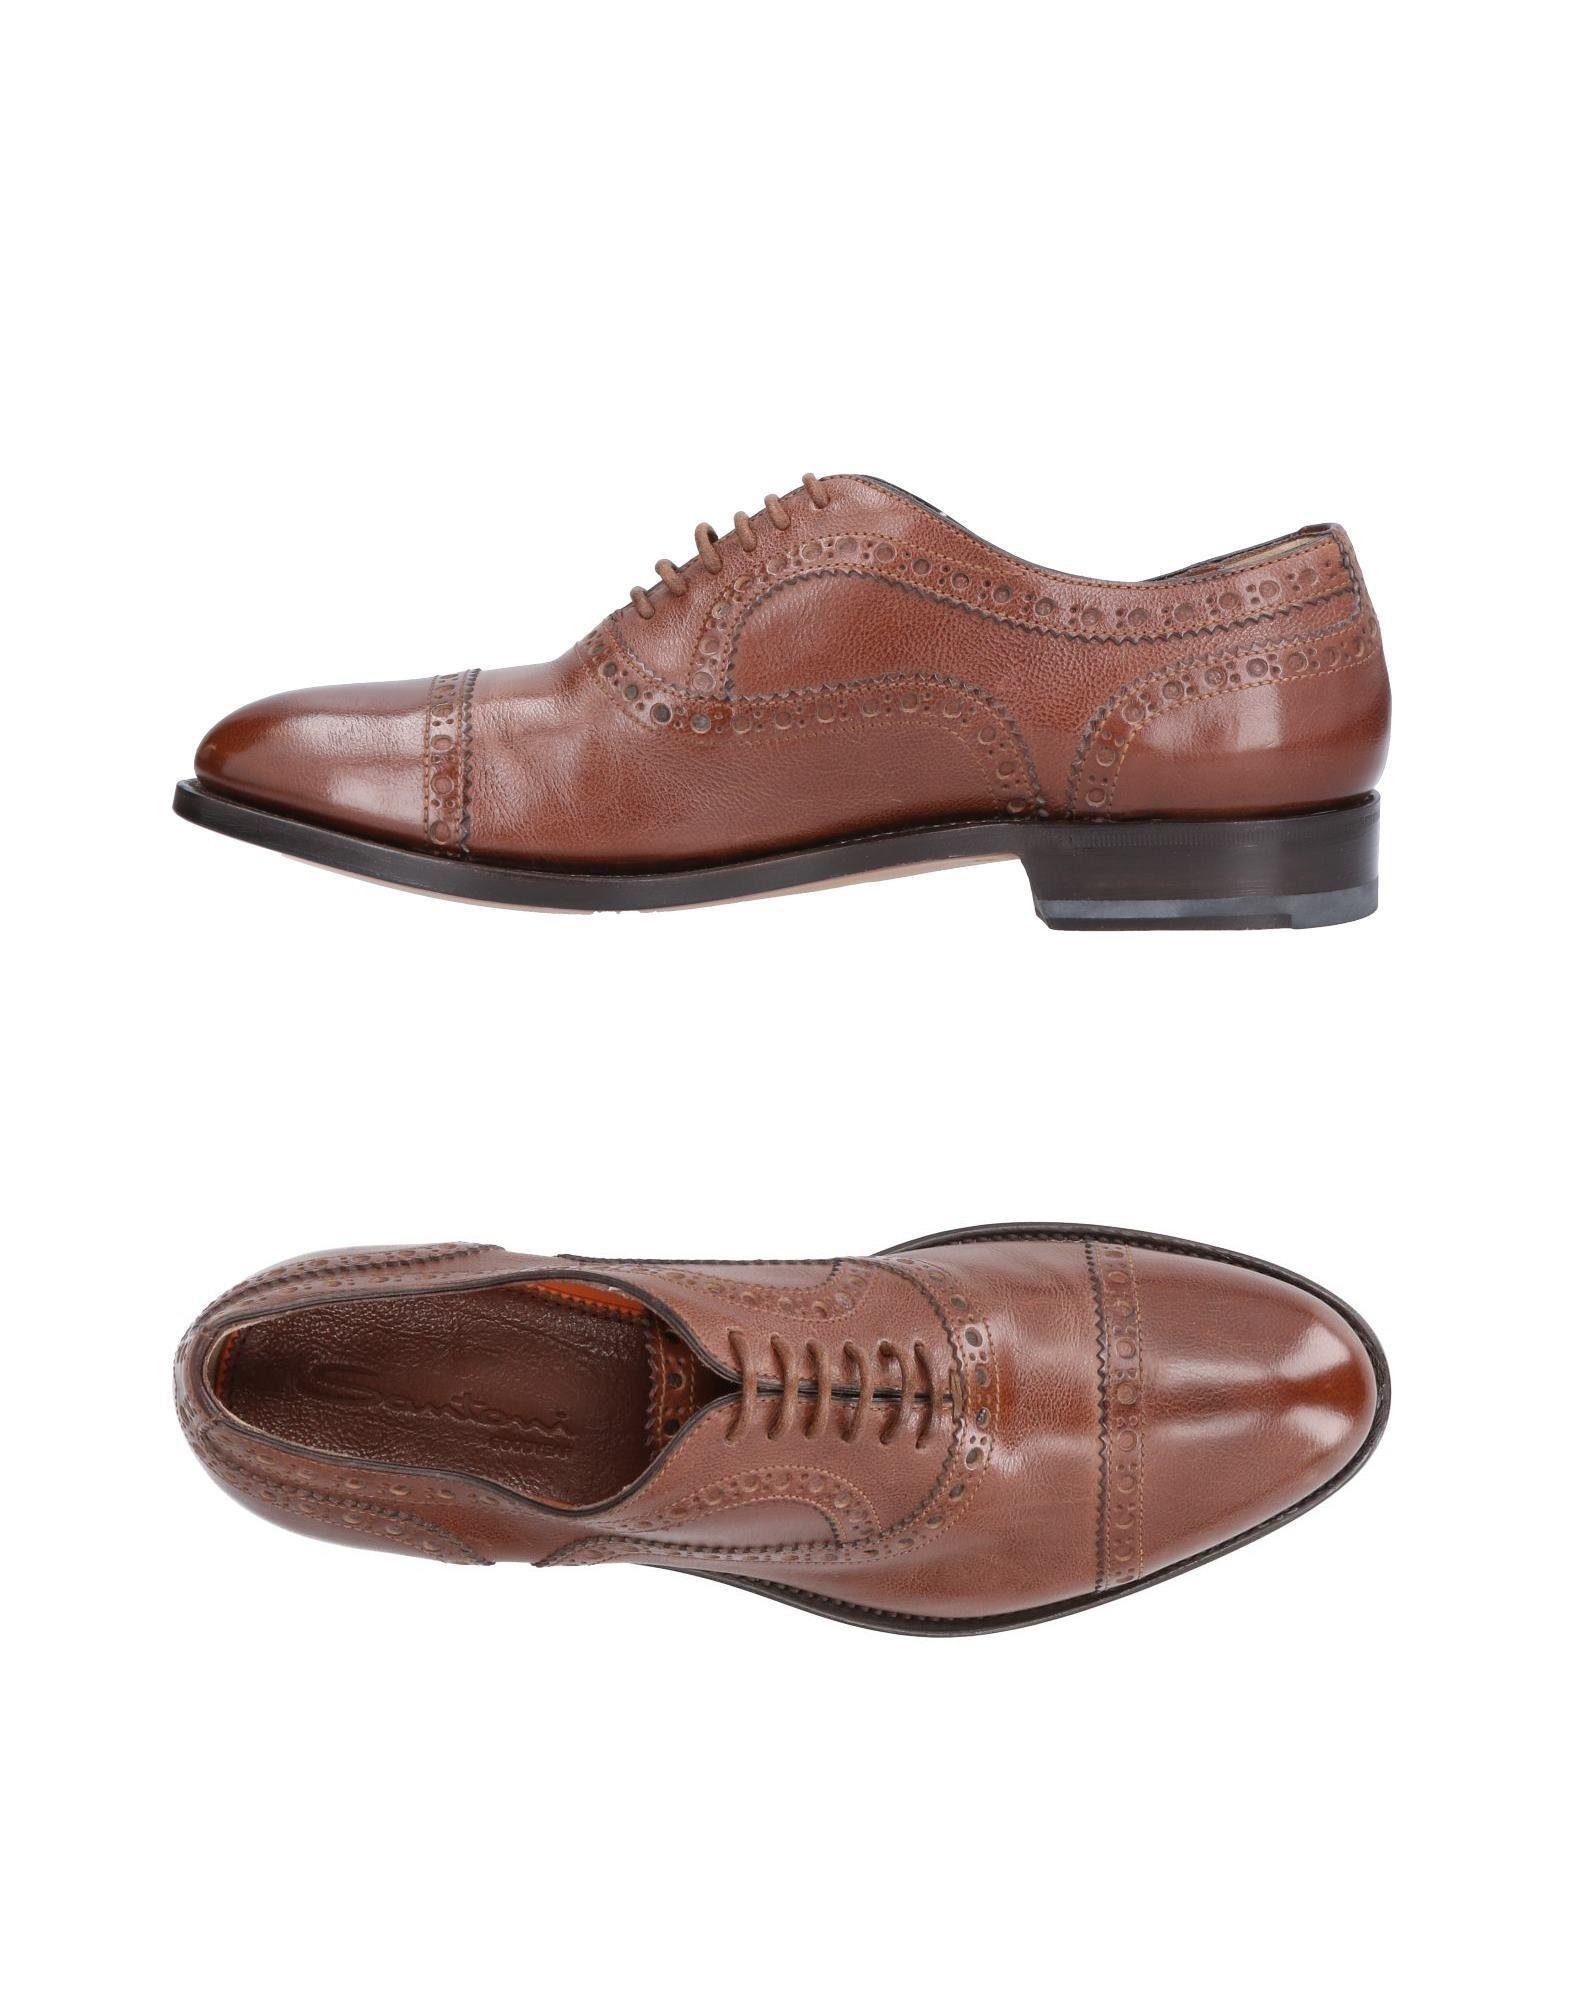 Santoni Schnürschuhe Herren  11486976LC Gute Qualität beliebte Schuhe